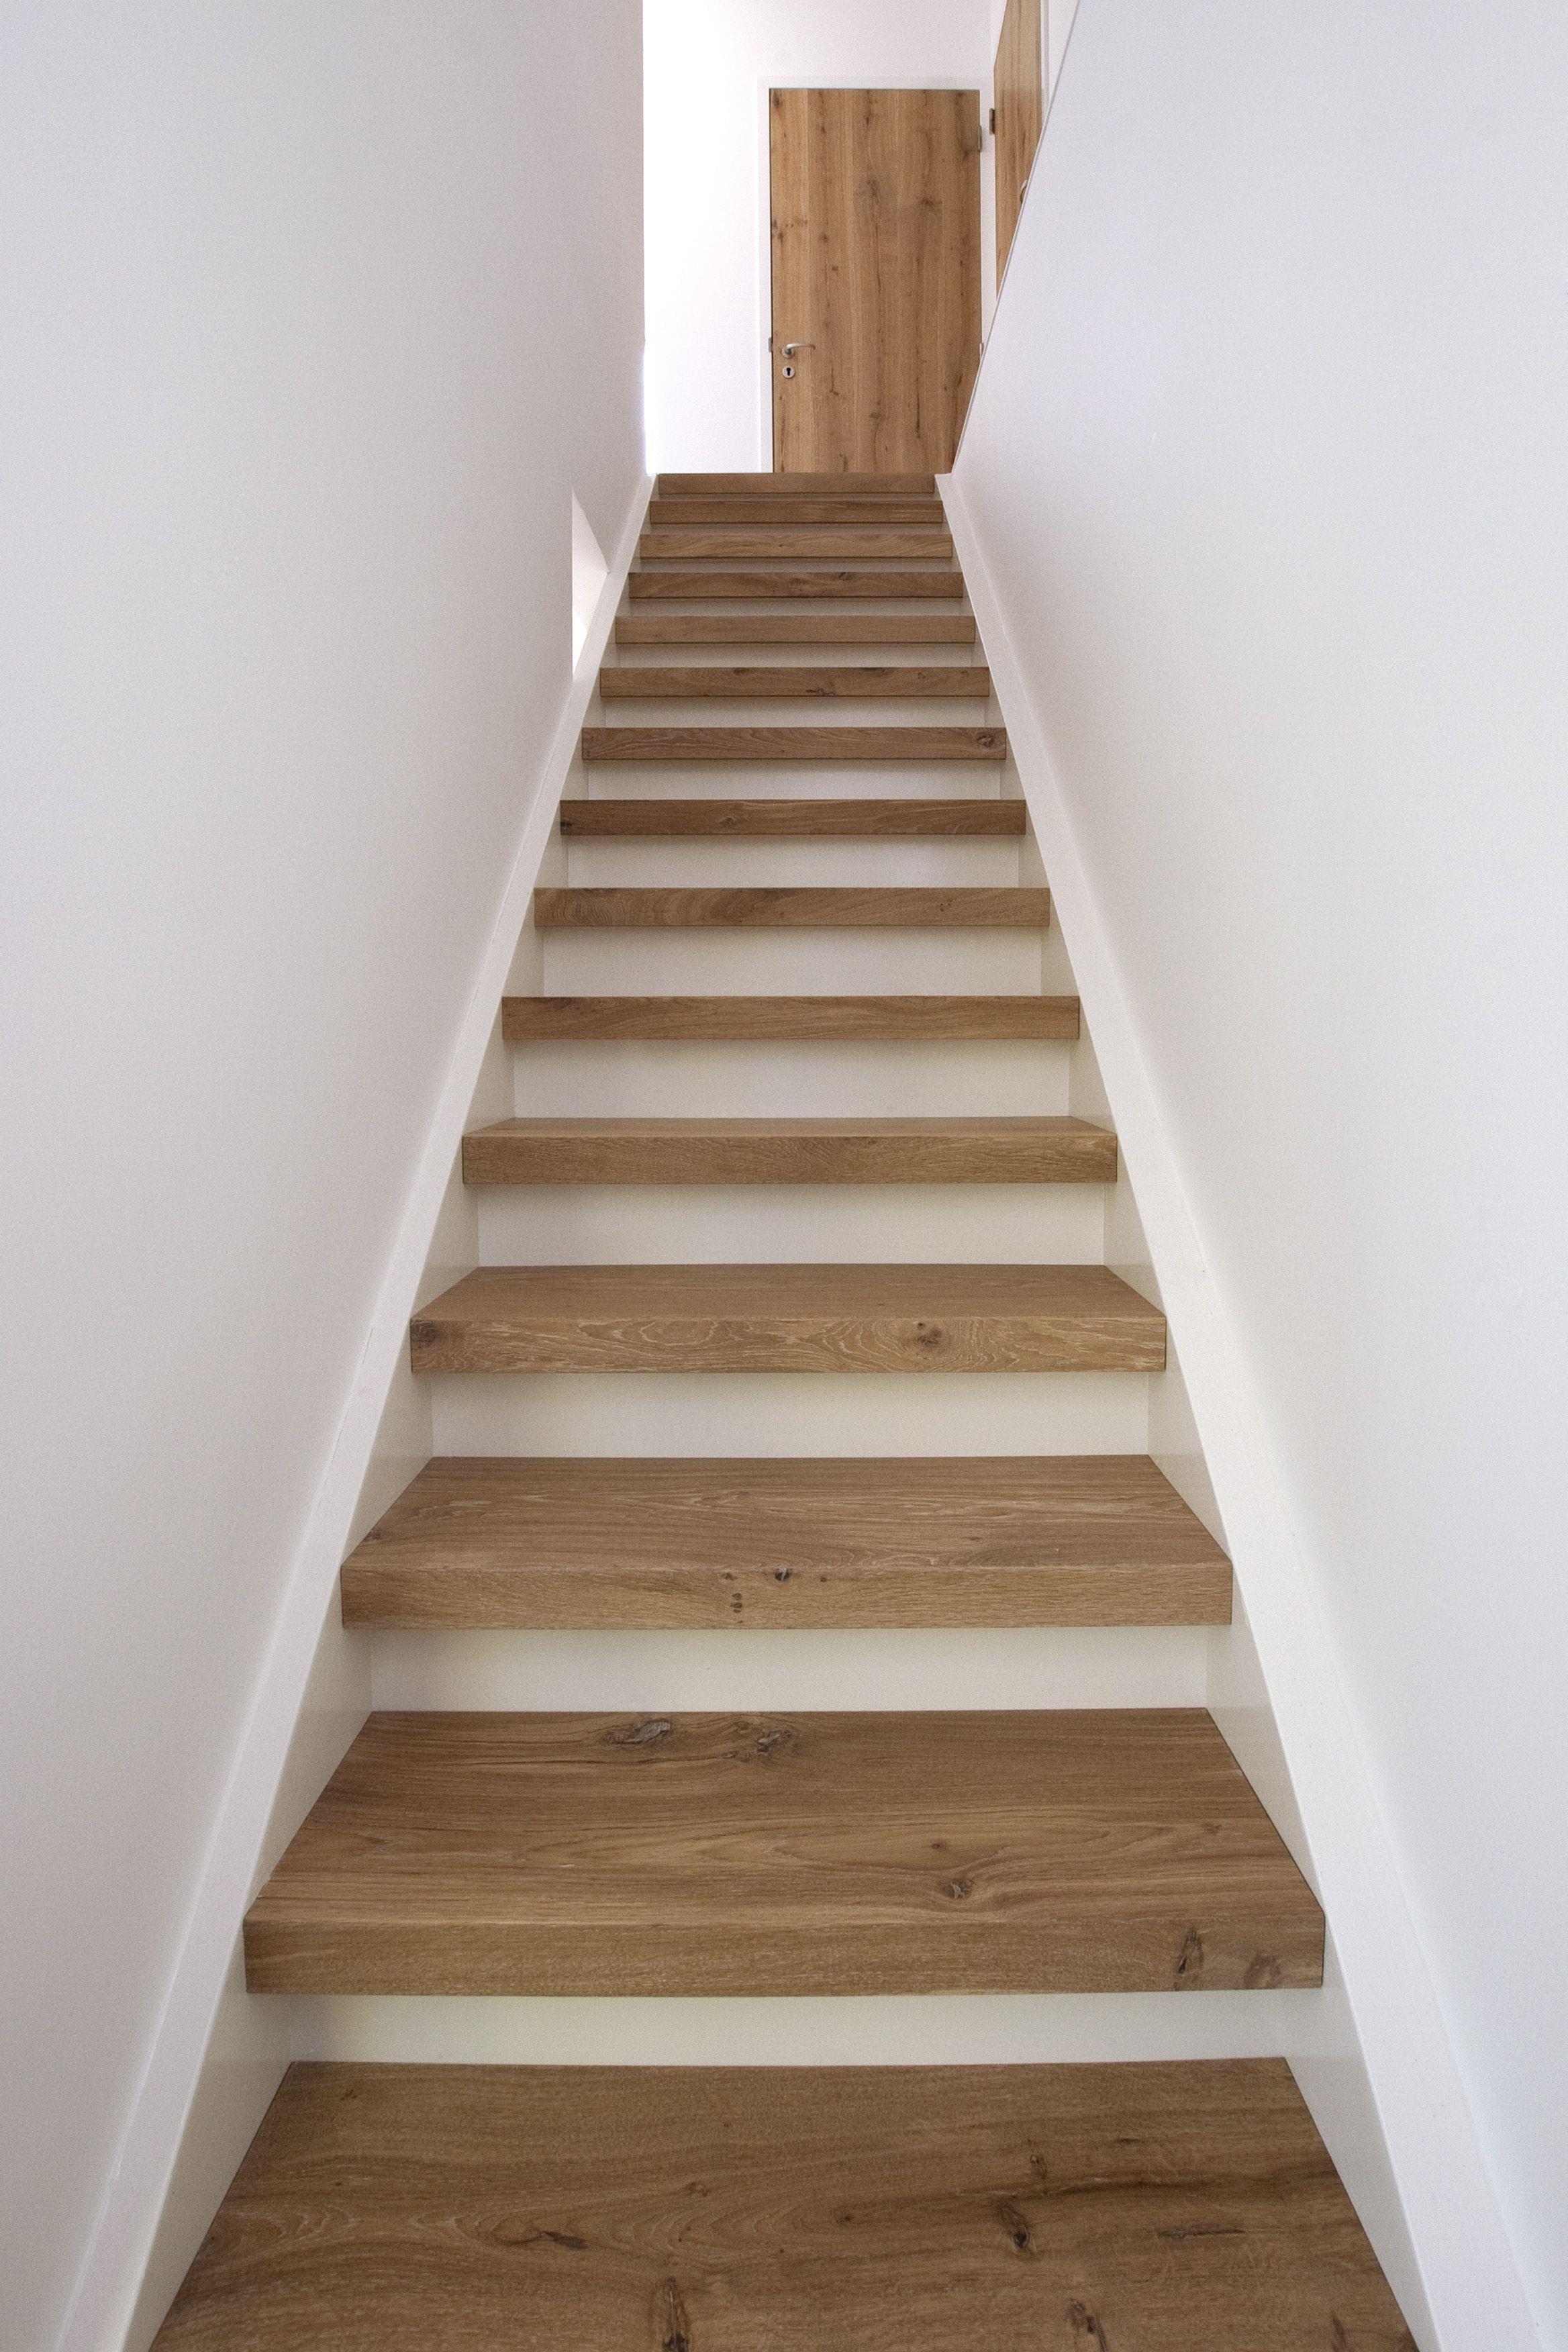 beukers vloeren heeft vele mogelijkheden om uw trap te bekleden